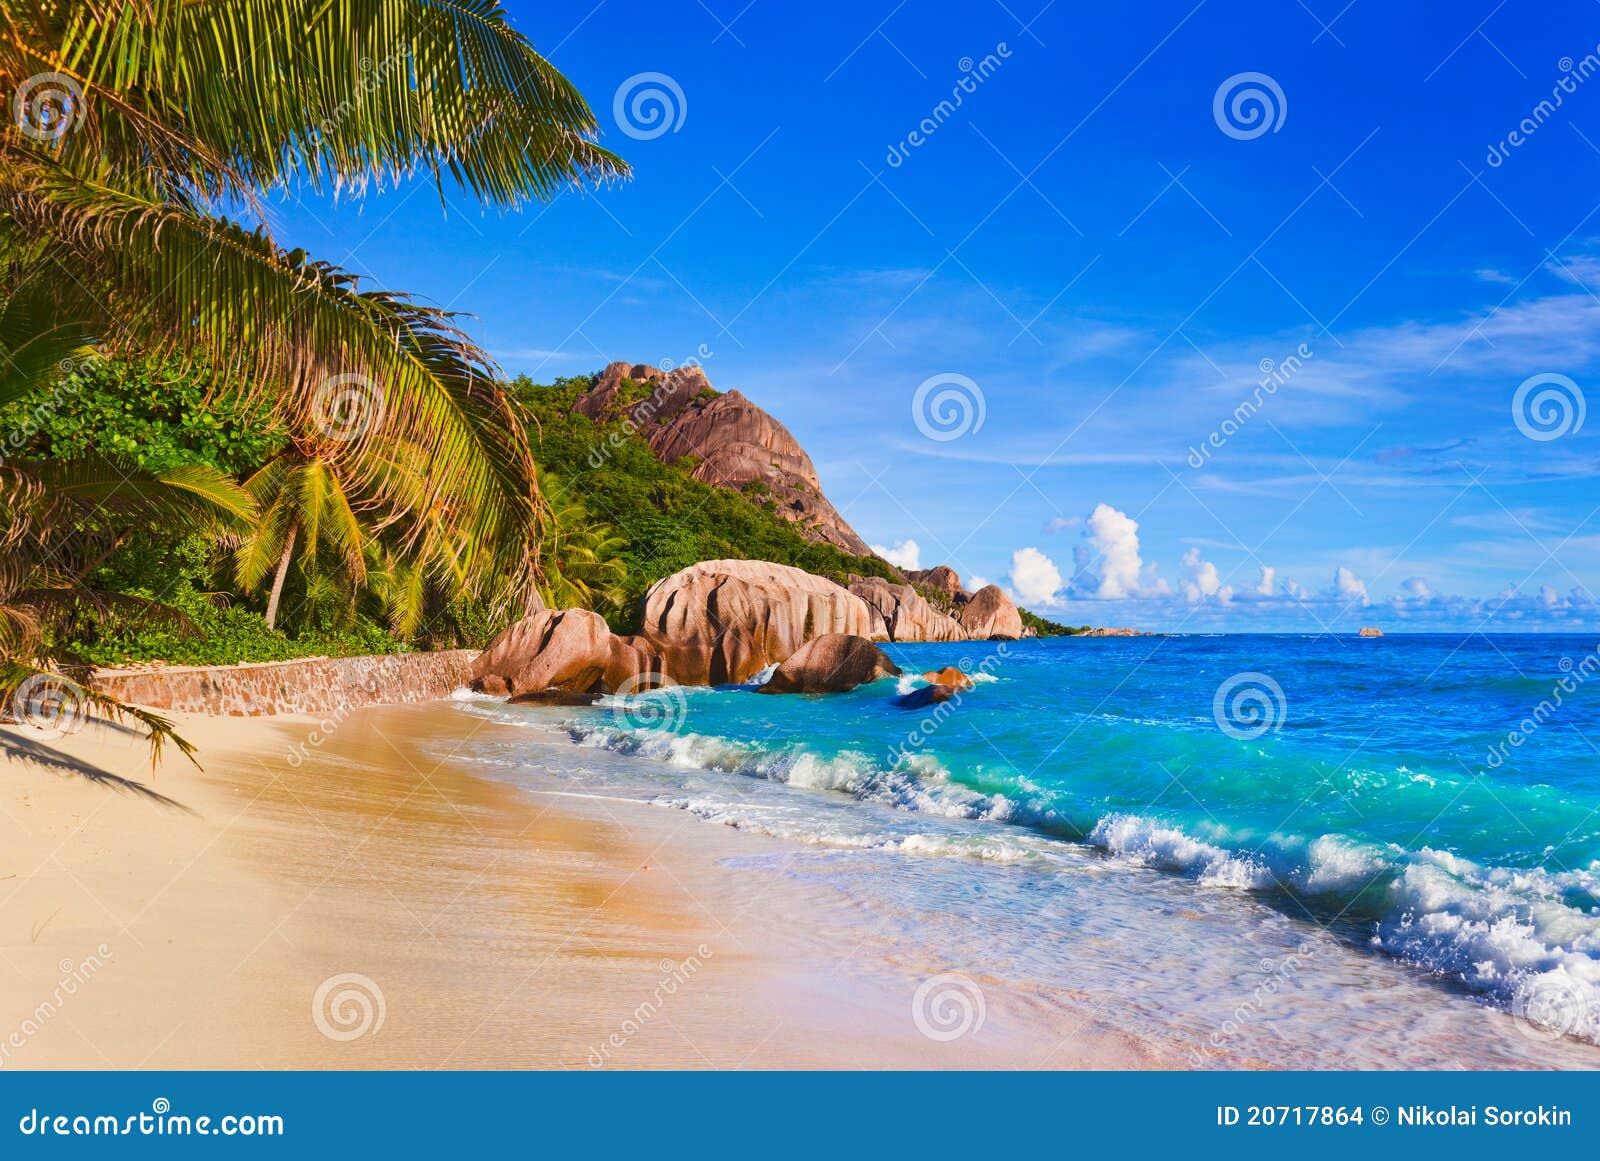 热带银海滩d塞舌尔群岛的来源